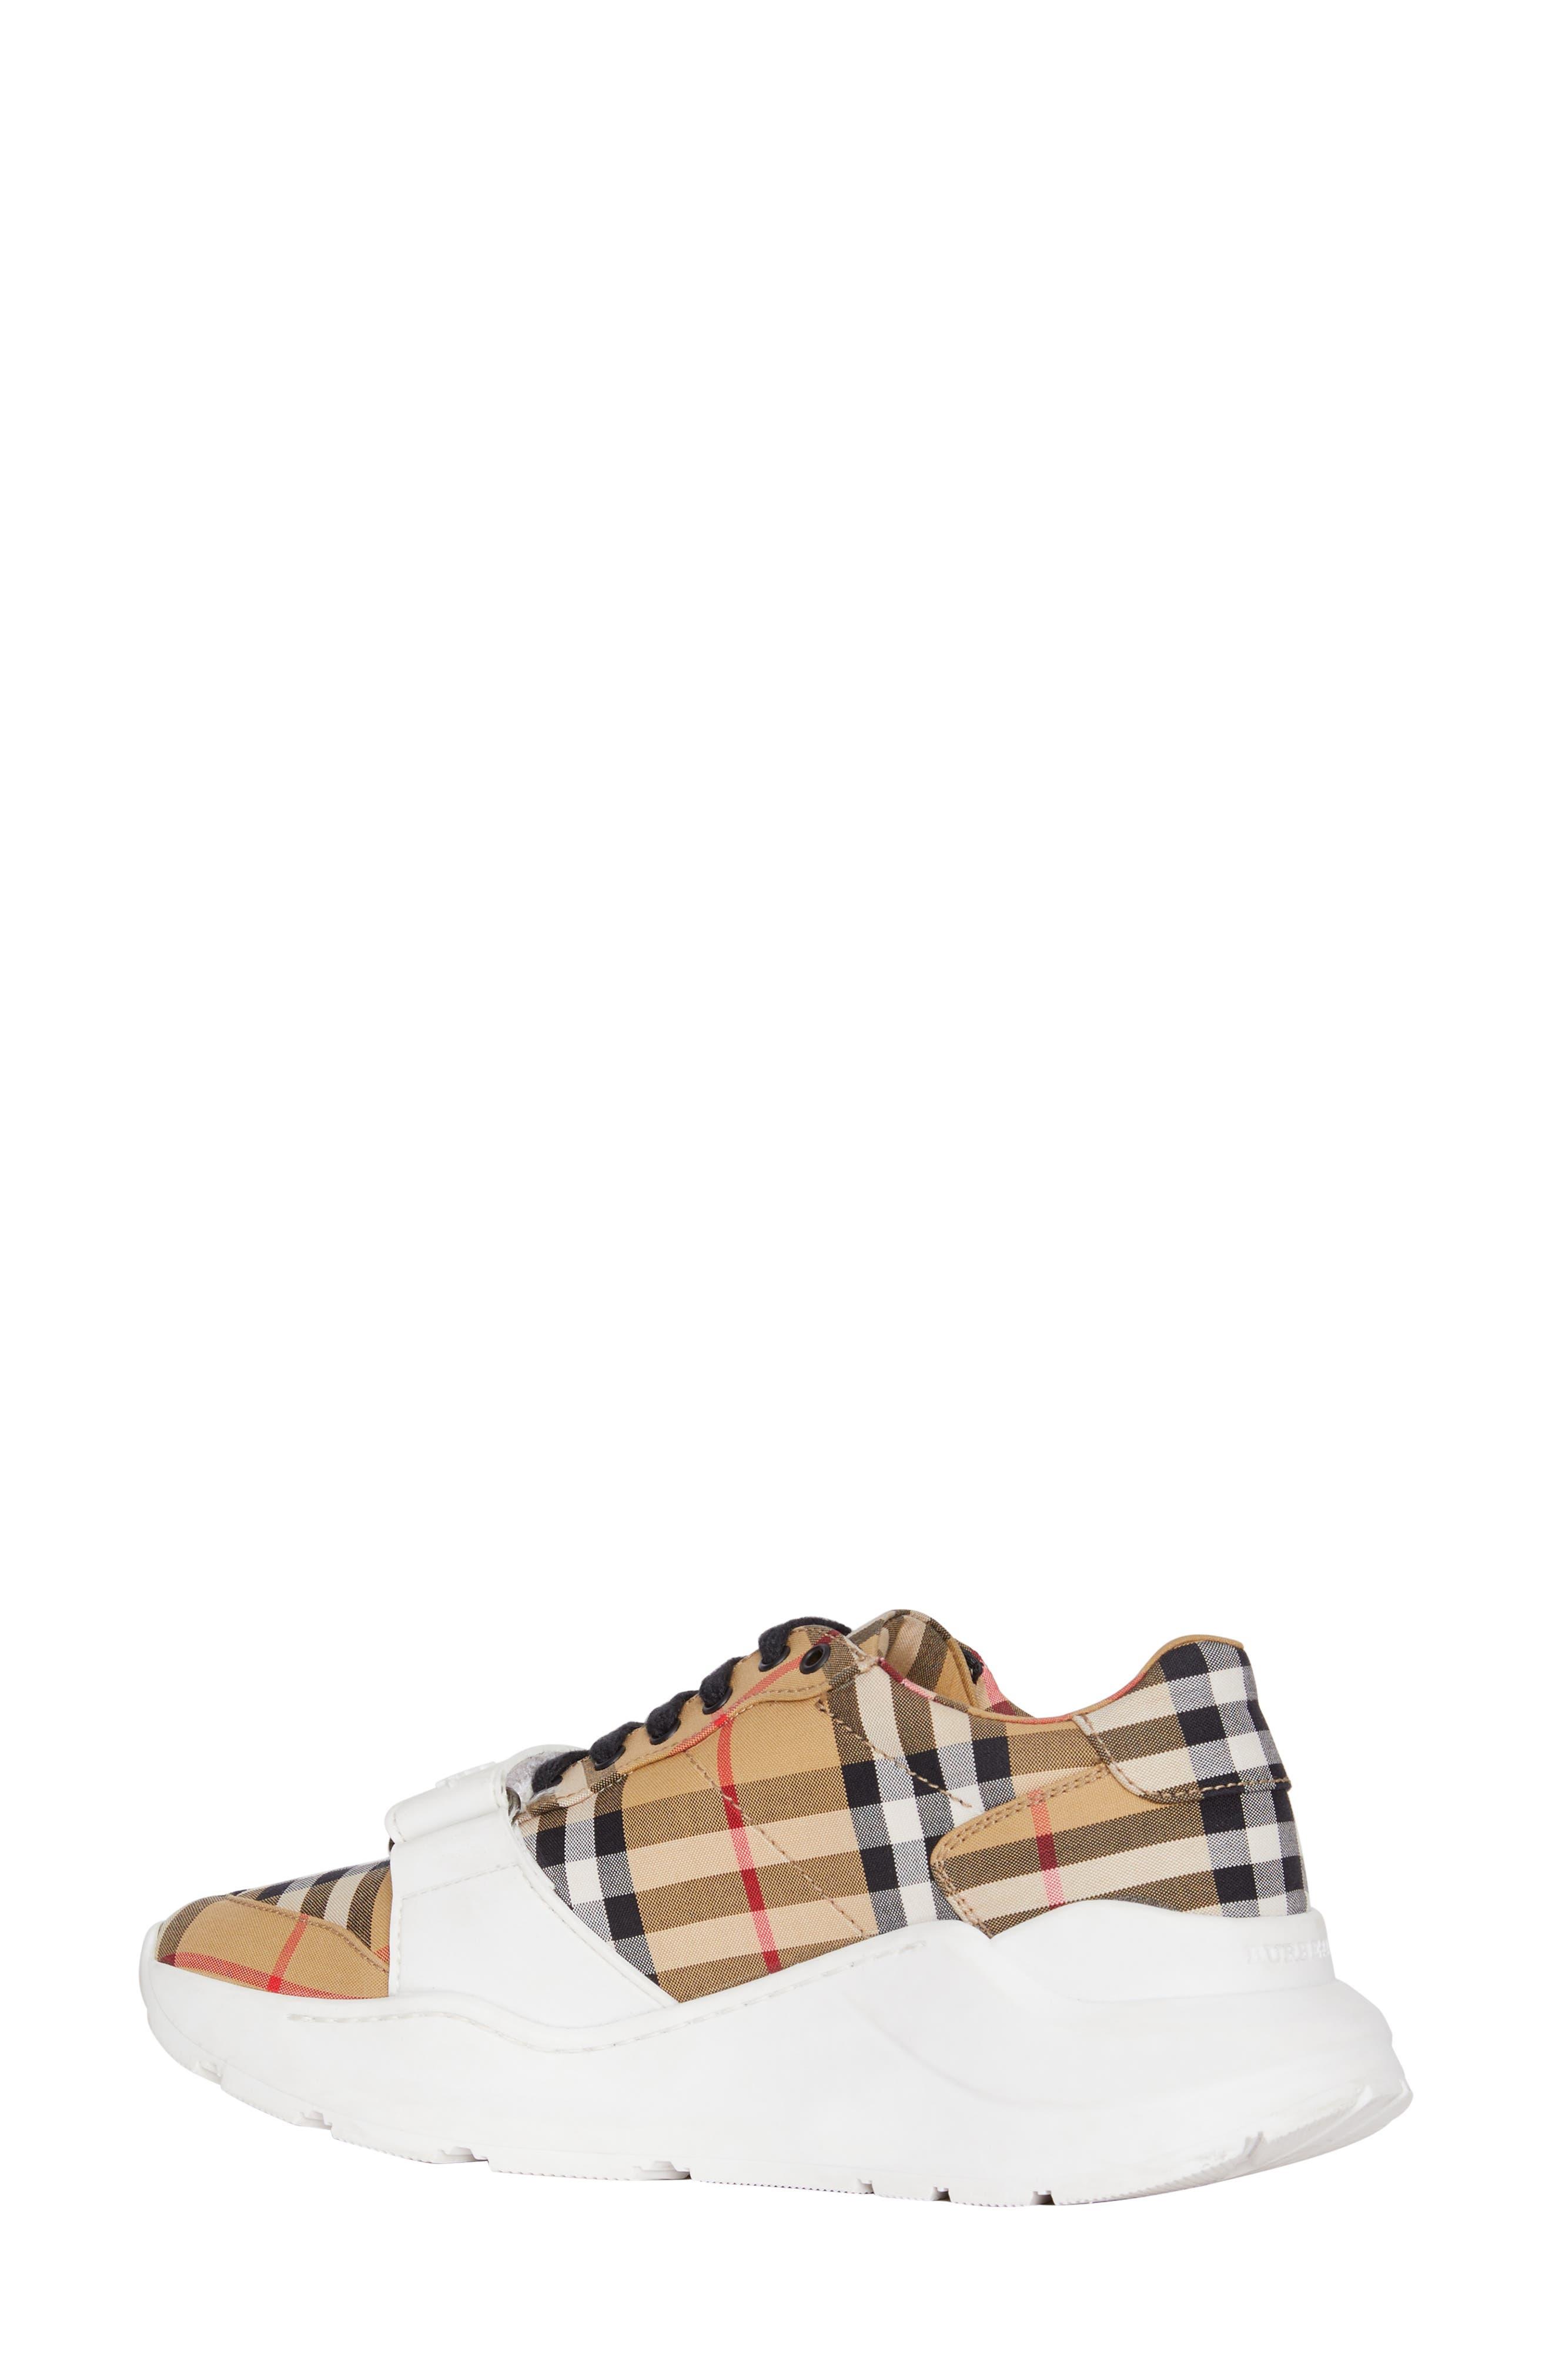 BURBERRY, Regis Check Lace-Up Sneaker, Alternate thumbnail 2, color, BEIGE PLAID